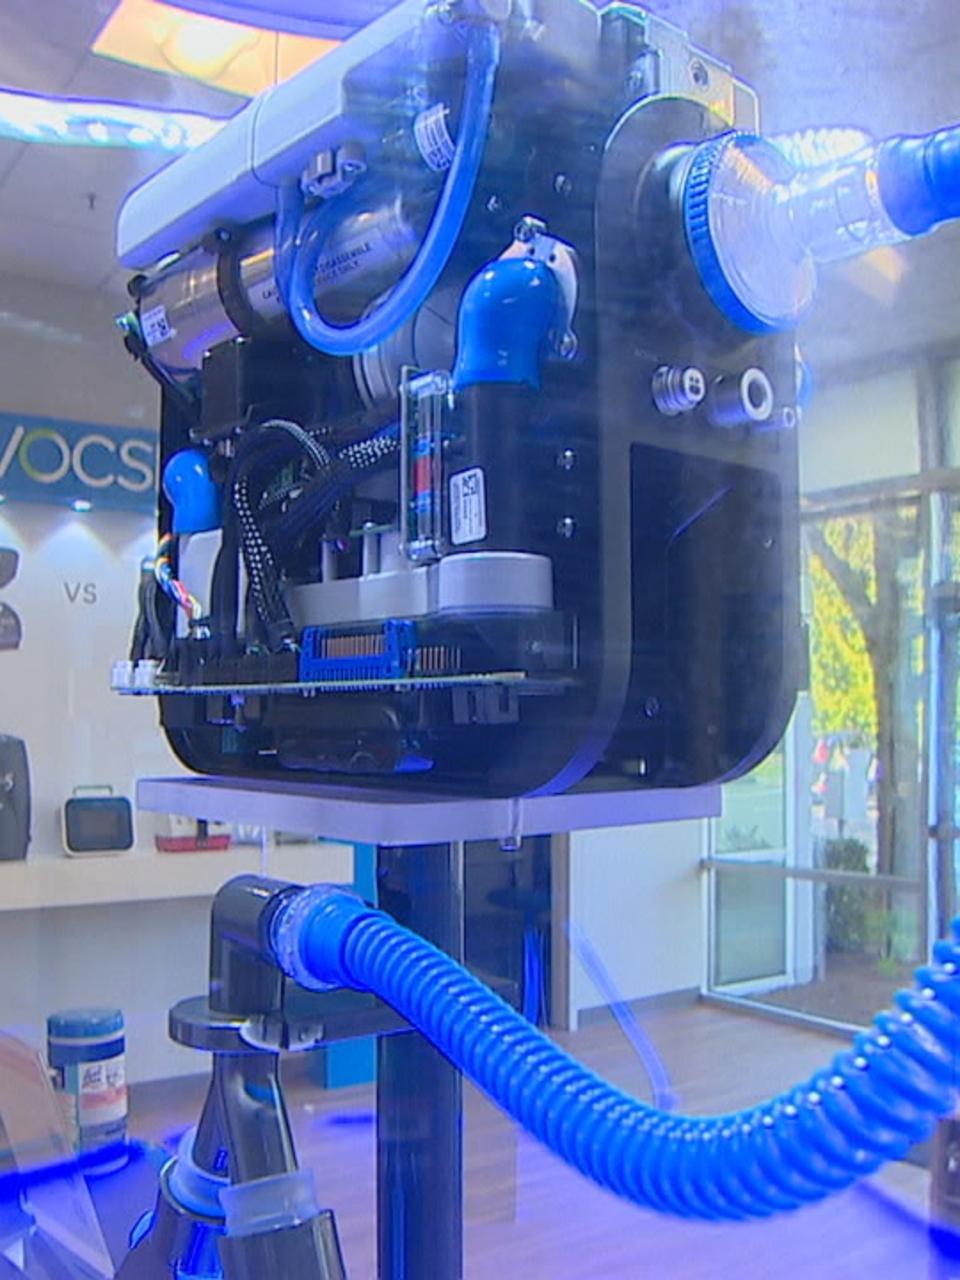 ИВЛ аппарат - искусственная вентиляция легких